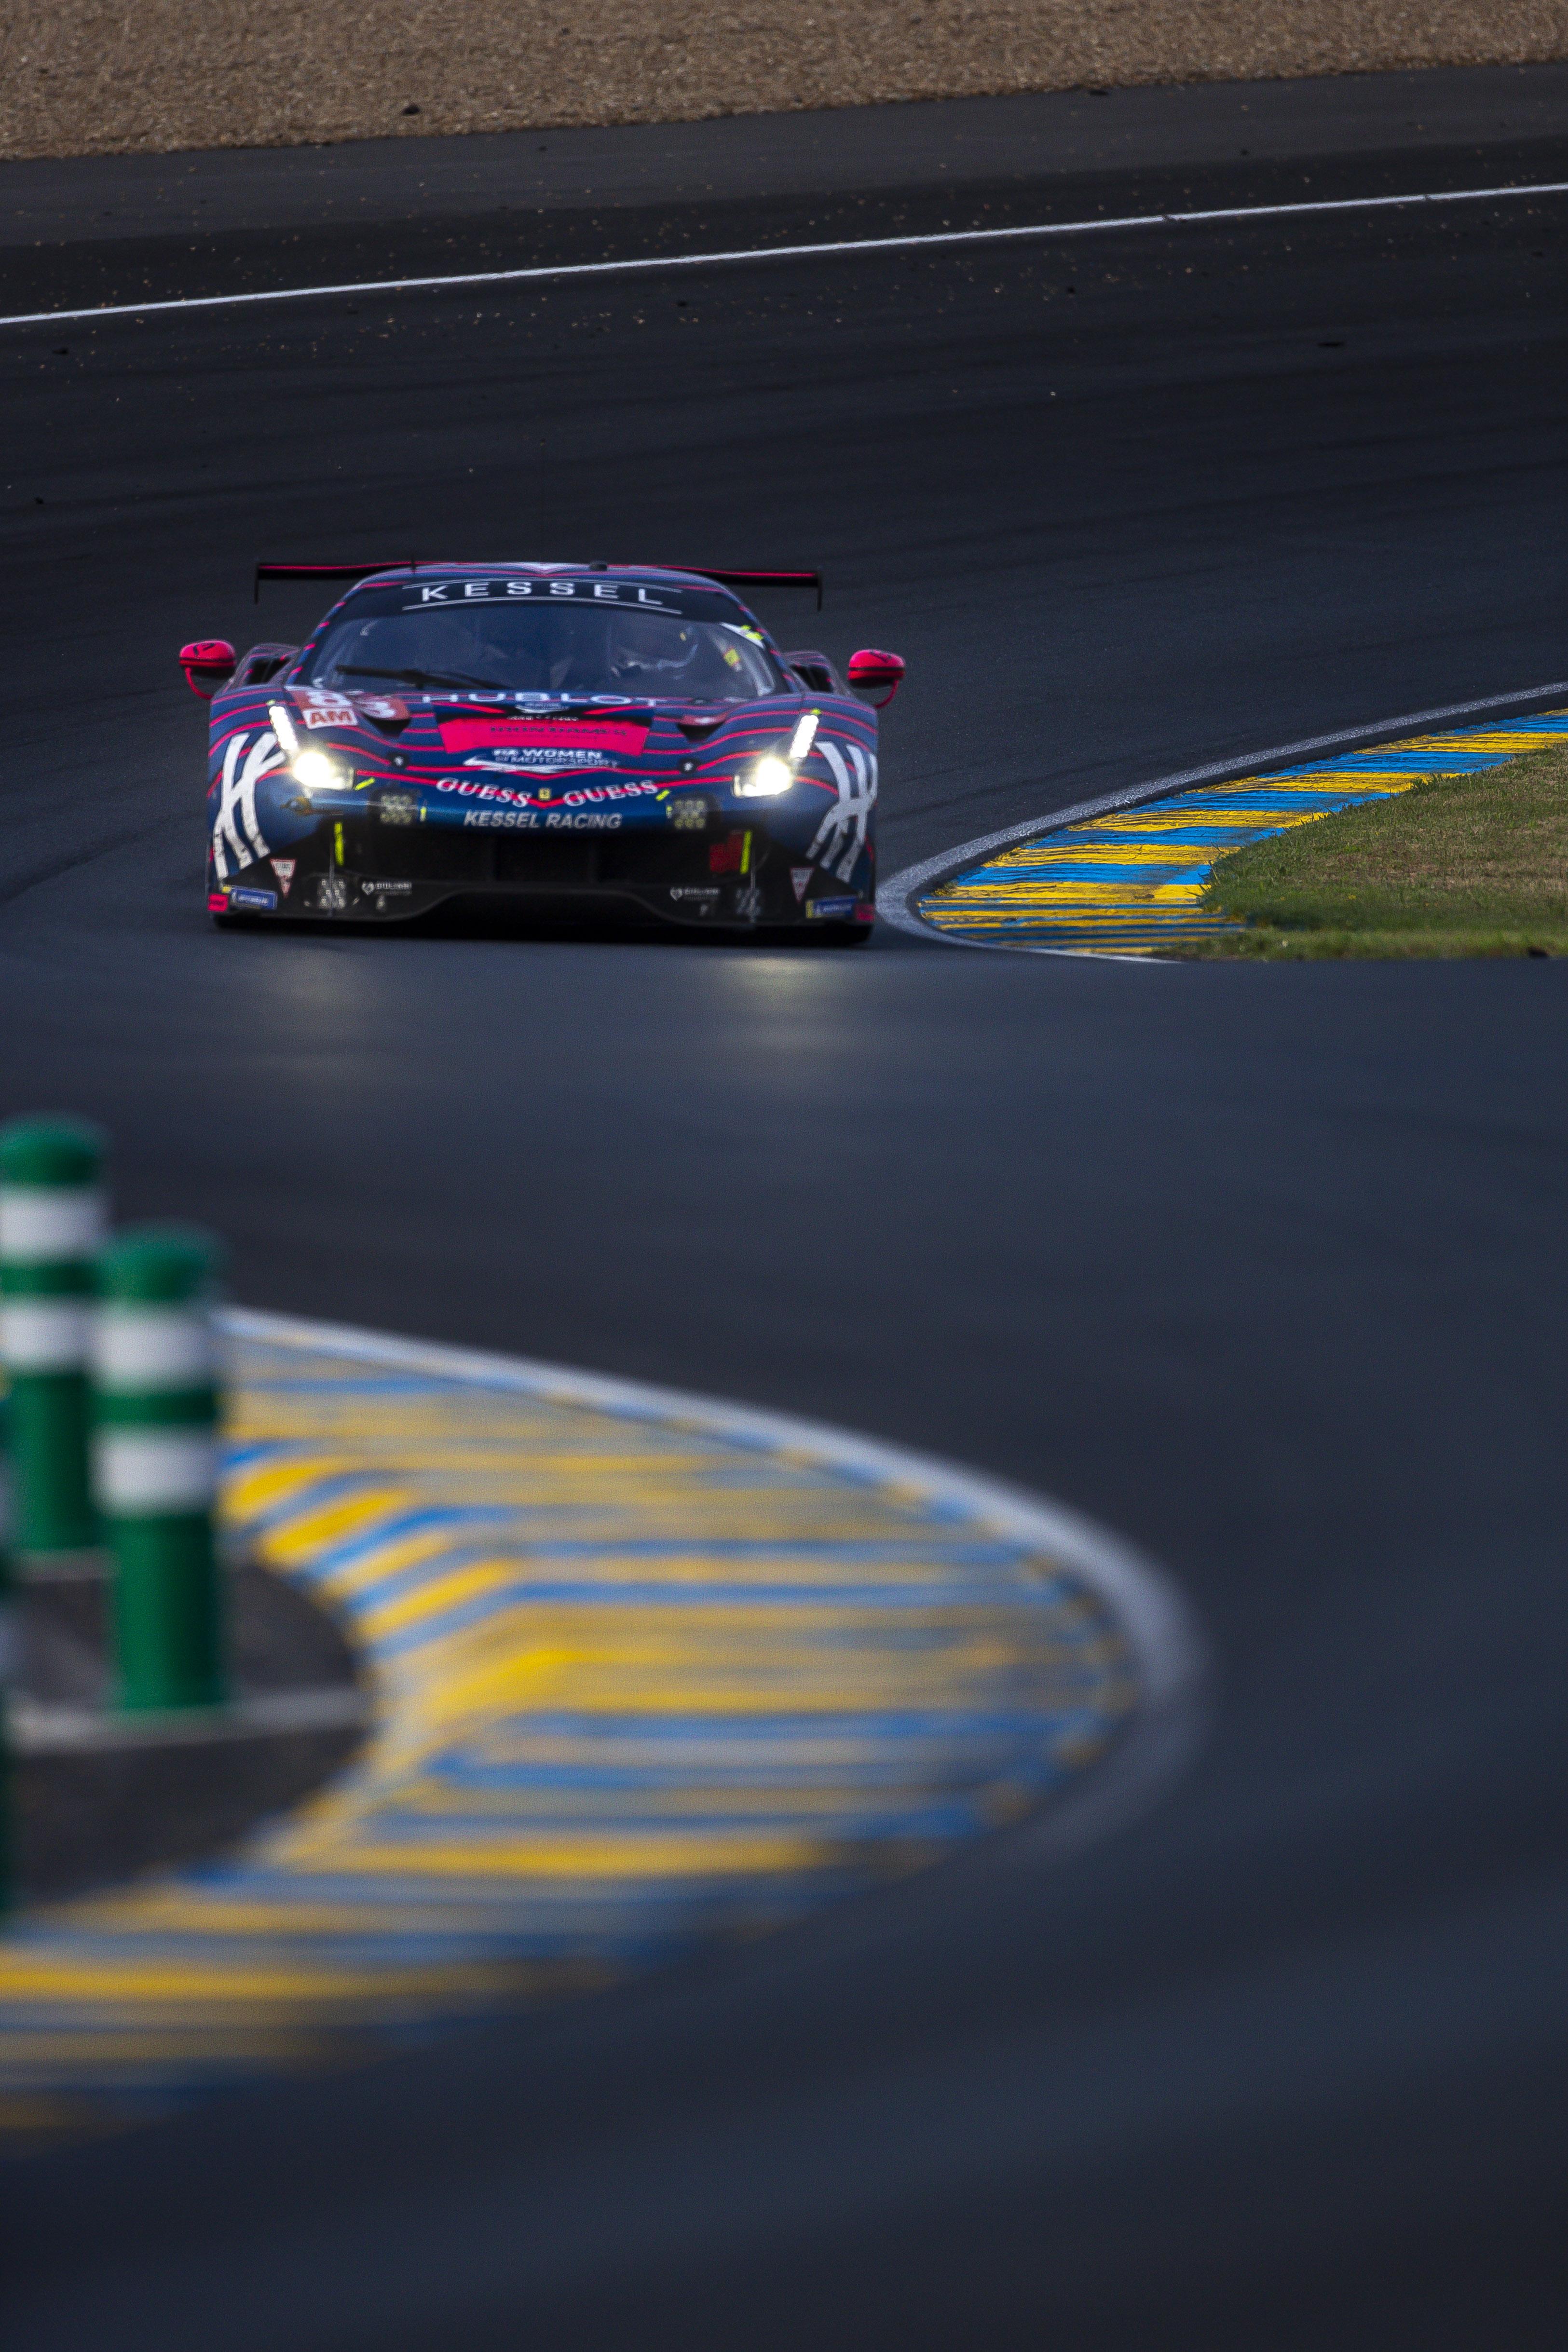 Hublot @ Le Mans 2019